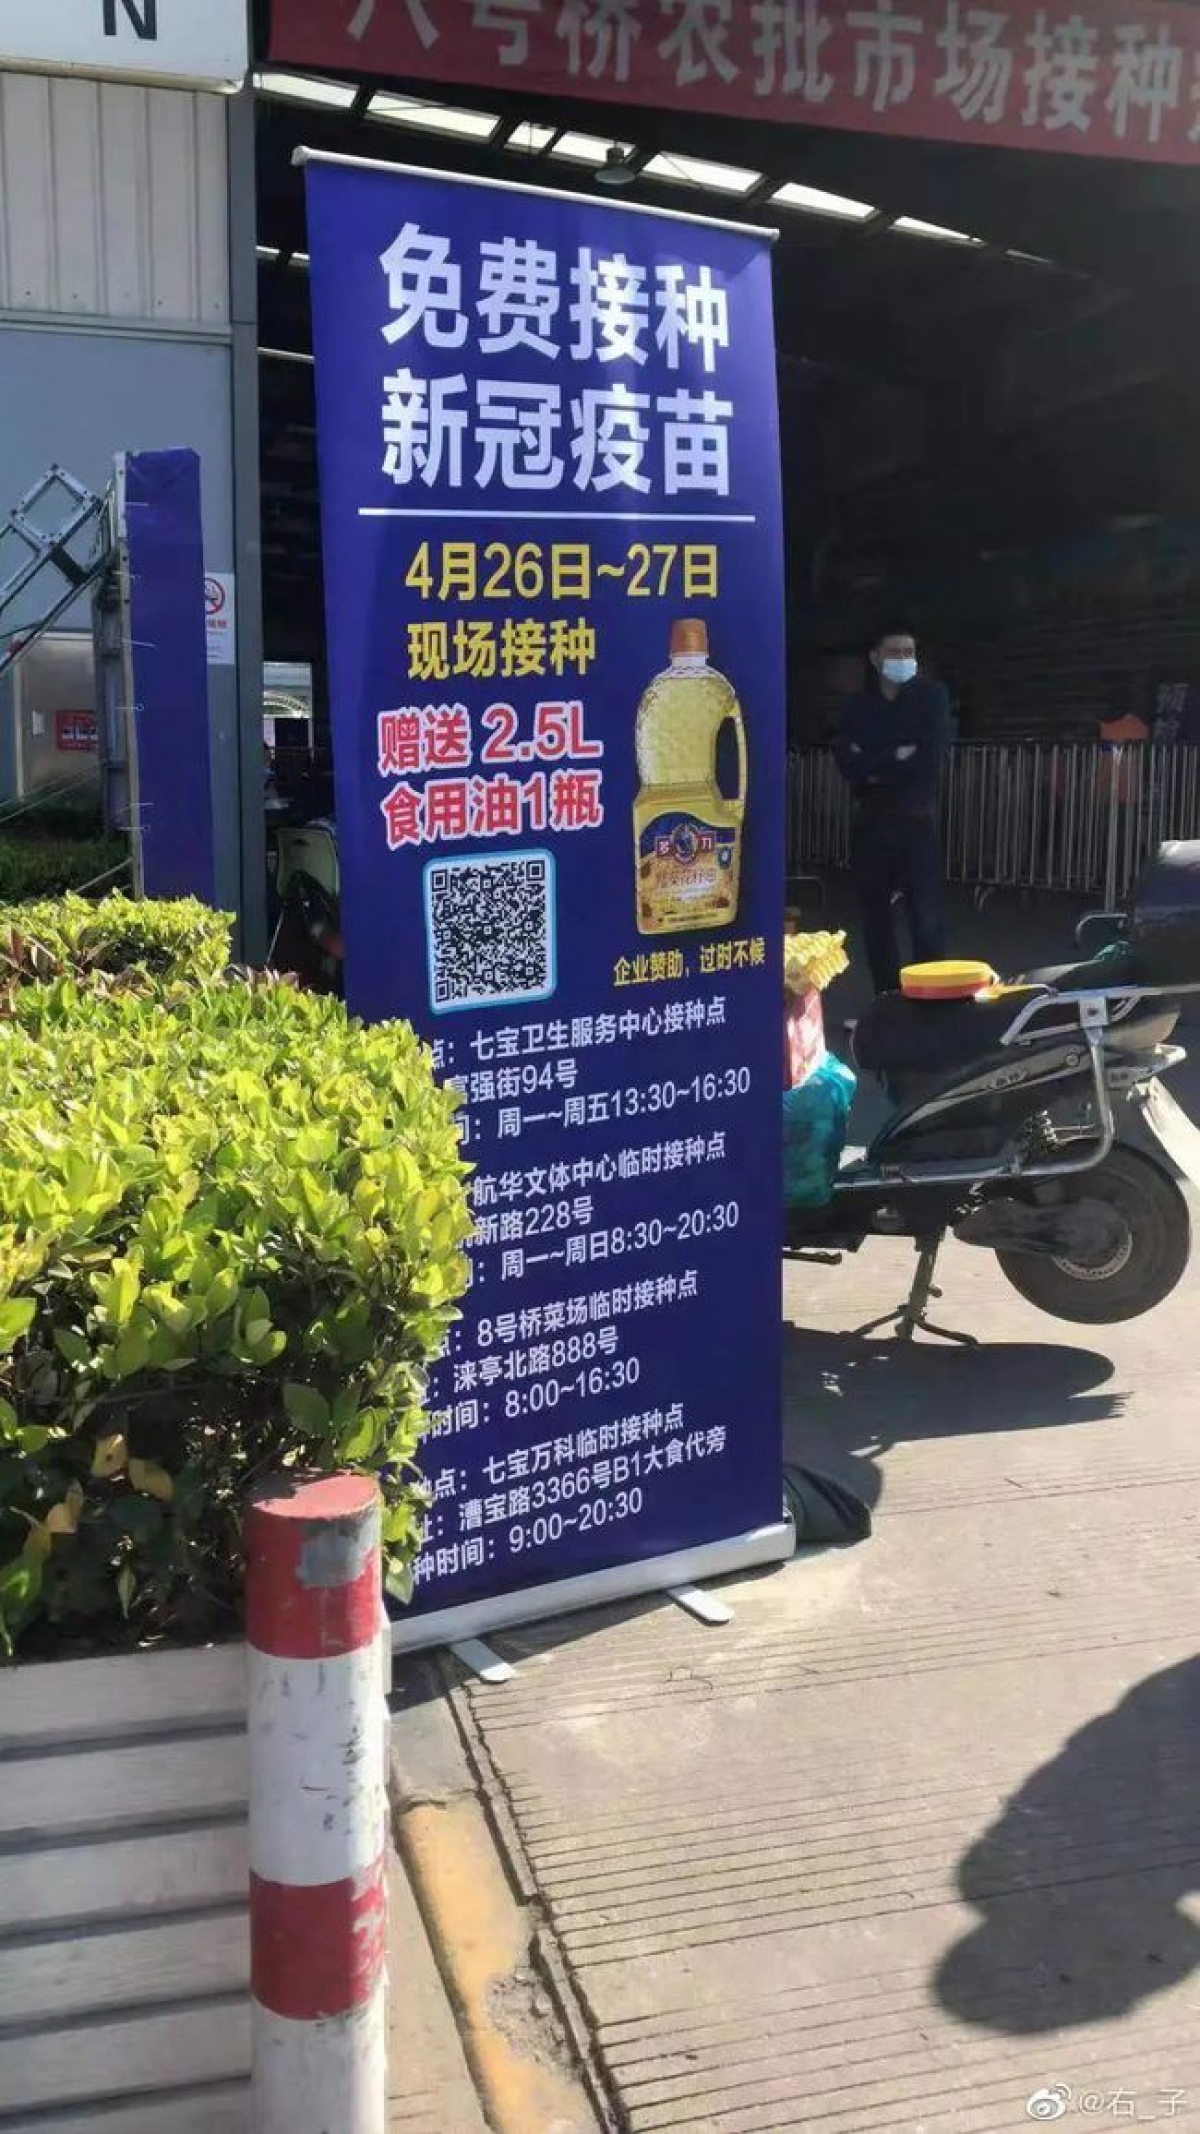 Tiêm vaccine Covid-19 tặng dầu ăn ở Trung Quốc. Ảnh: Mạng xã hội.